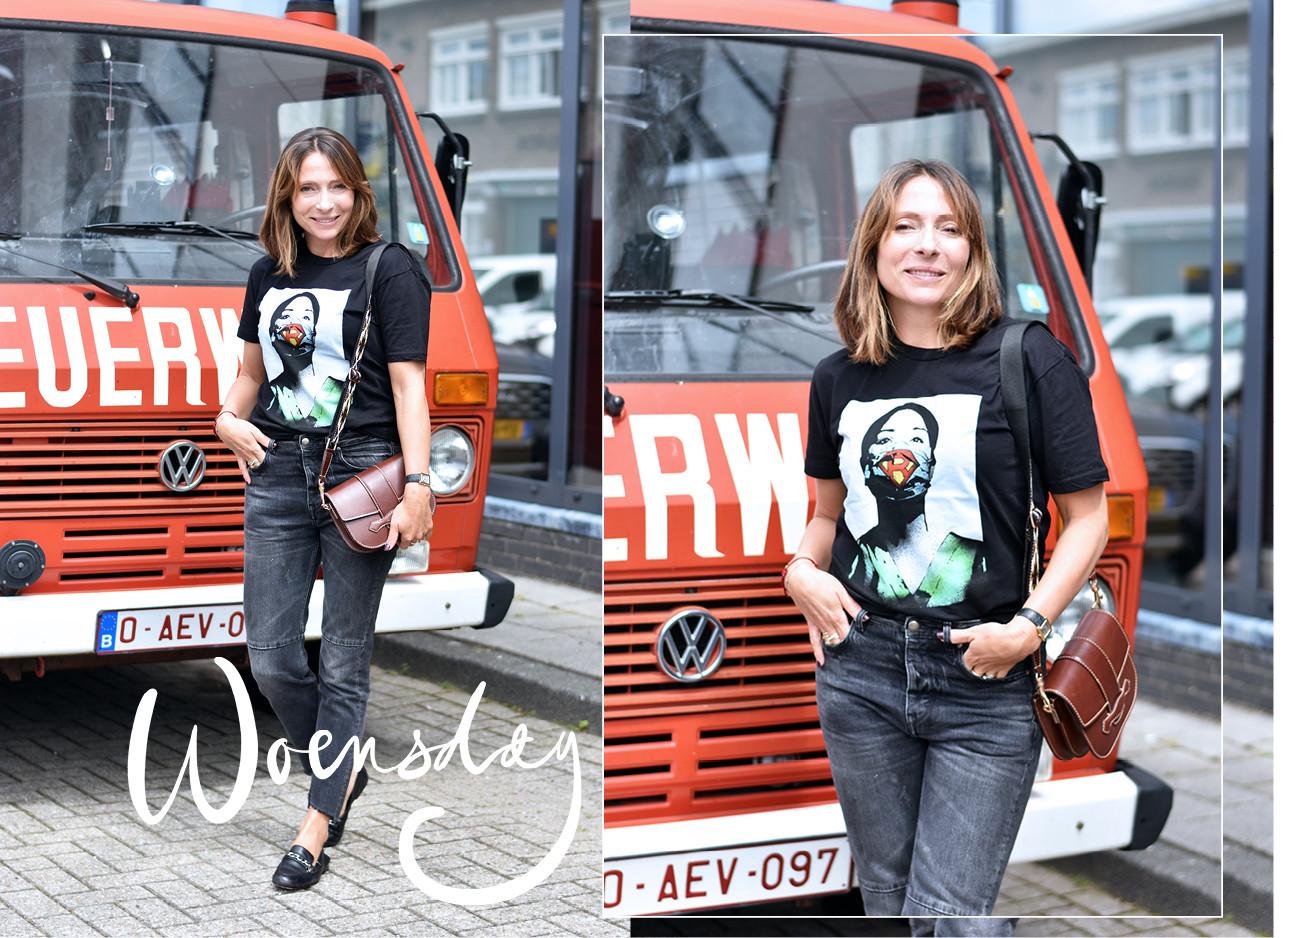 May-britt Mobach lachend in een jeans en tshirt met een bruine tas voor een brandweer auto